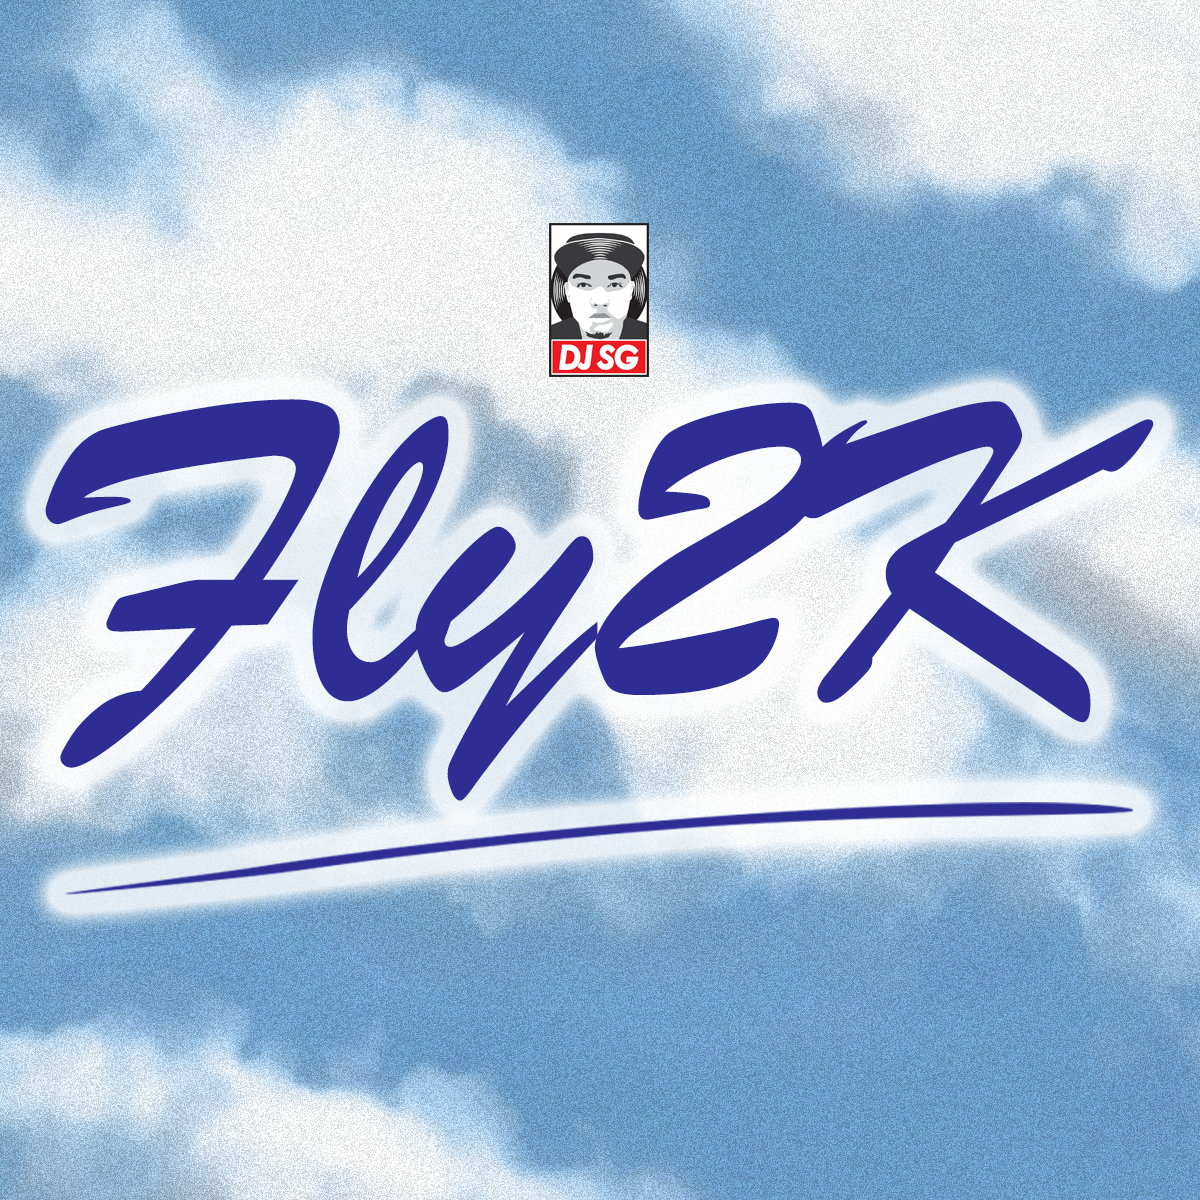 DJ SG FLY2K